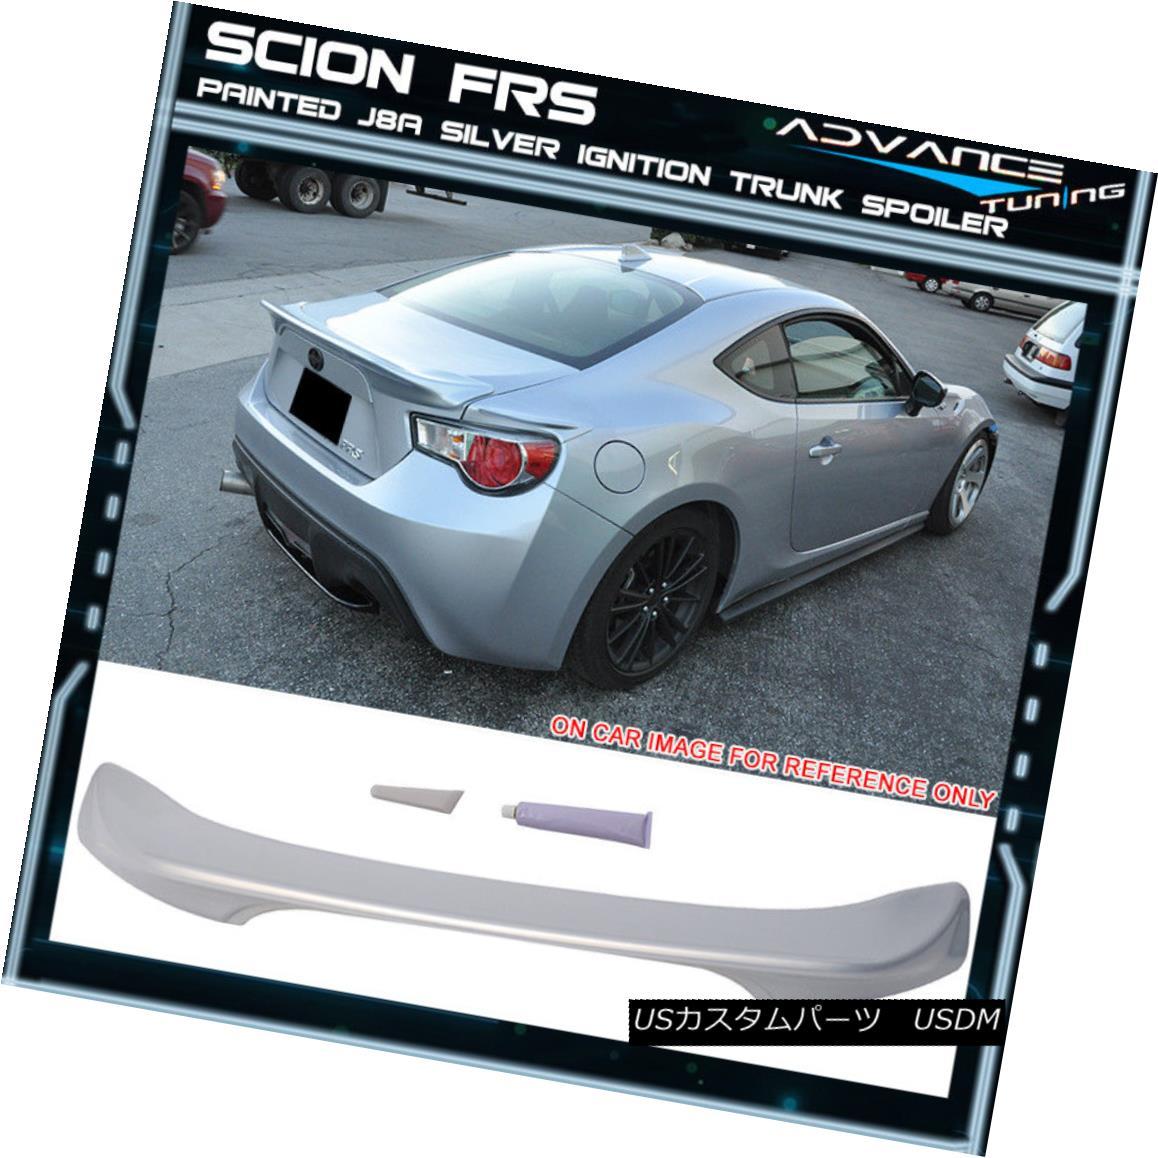 エアロパーツ Fit For 13 Scion FRS Subaru BRZ Trunk Spoiler OE # J8A Silver Ignition 13サイオンFRSスバルBRZトランク・スポイラーOE#J8Aシルバー・イグニッション